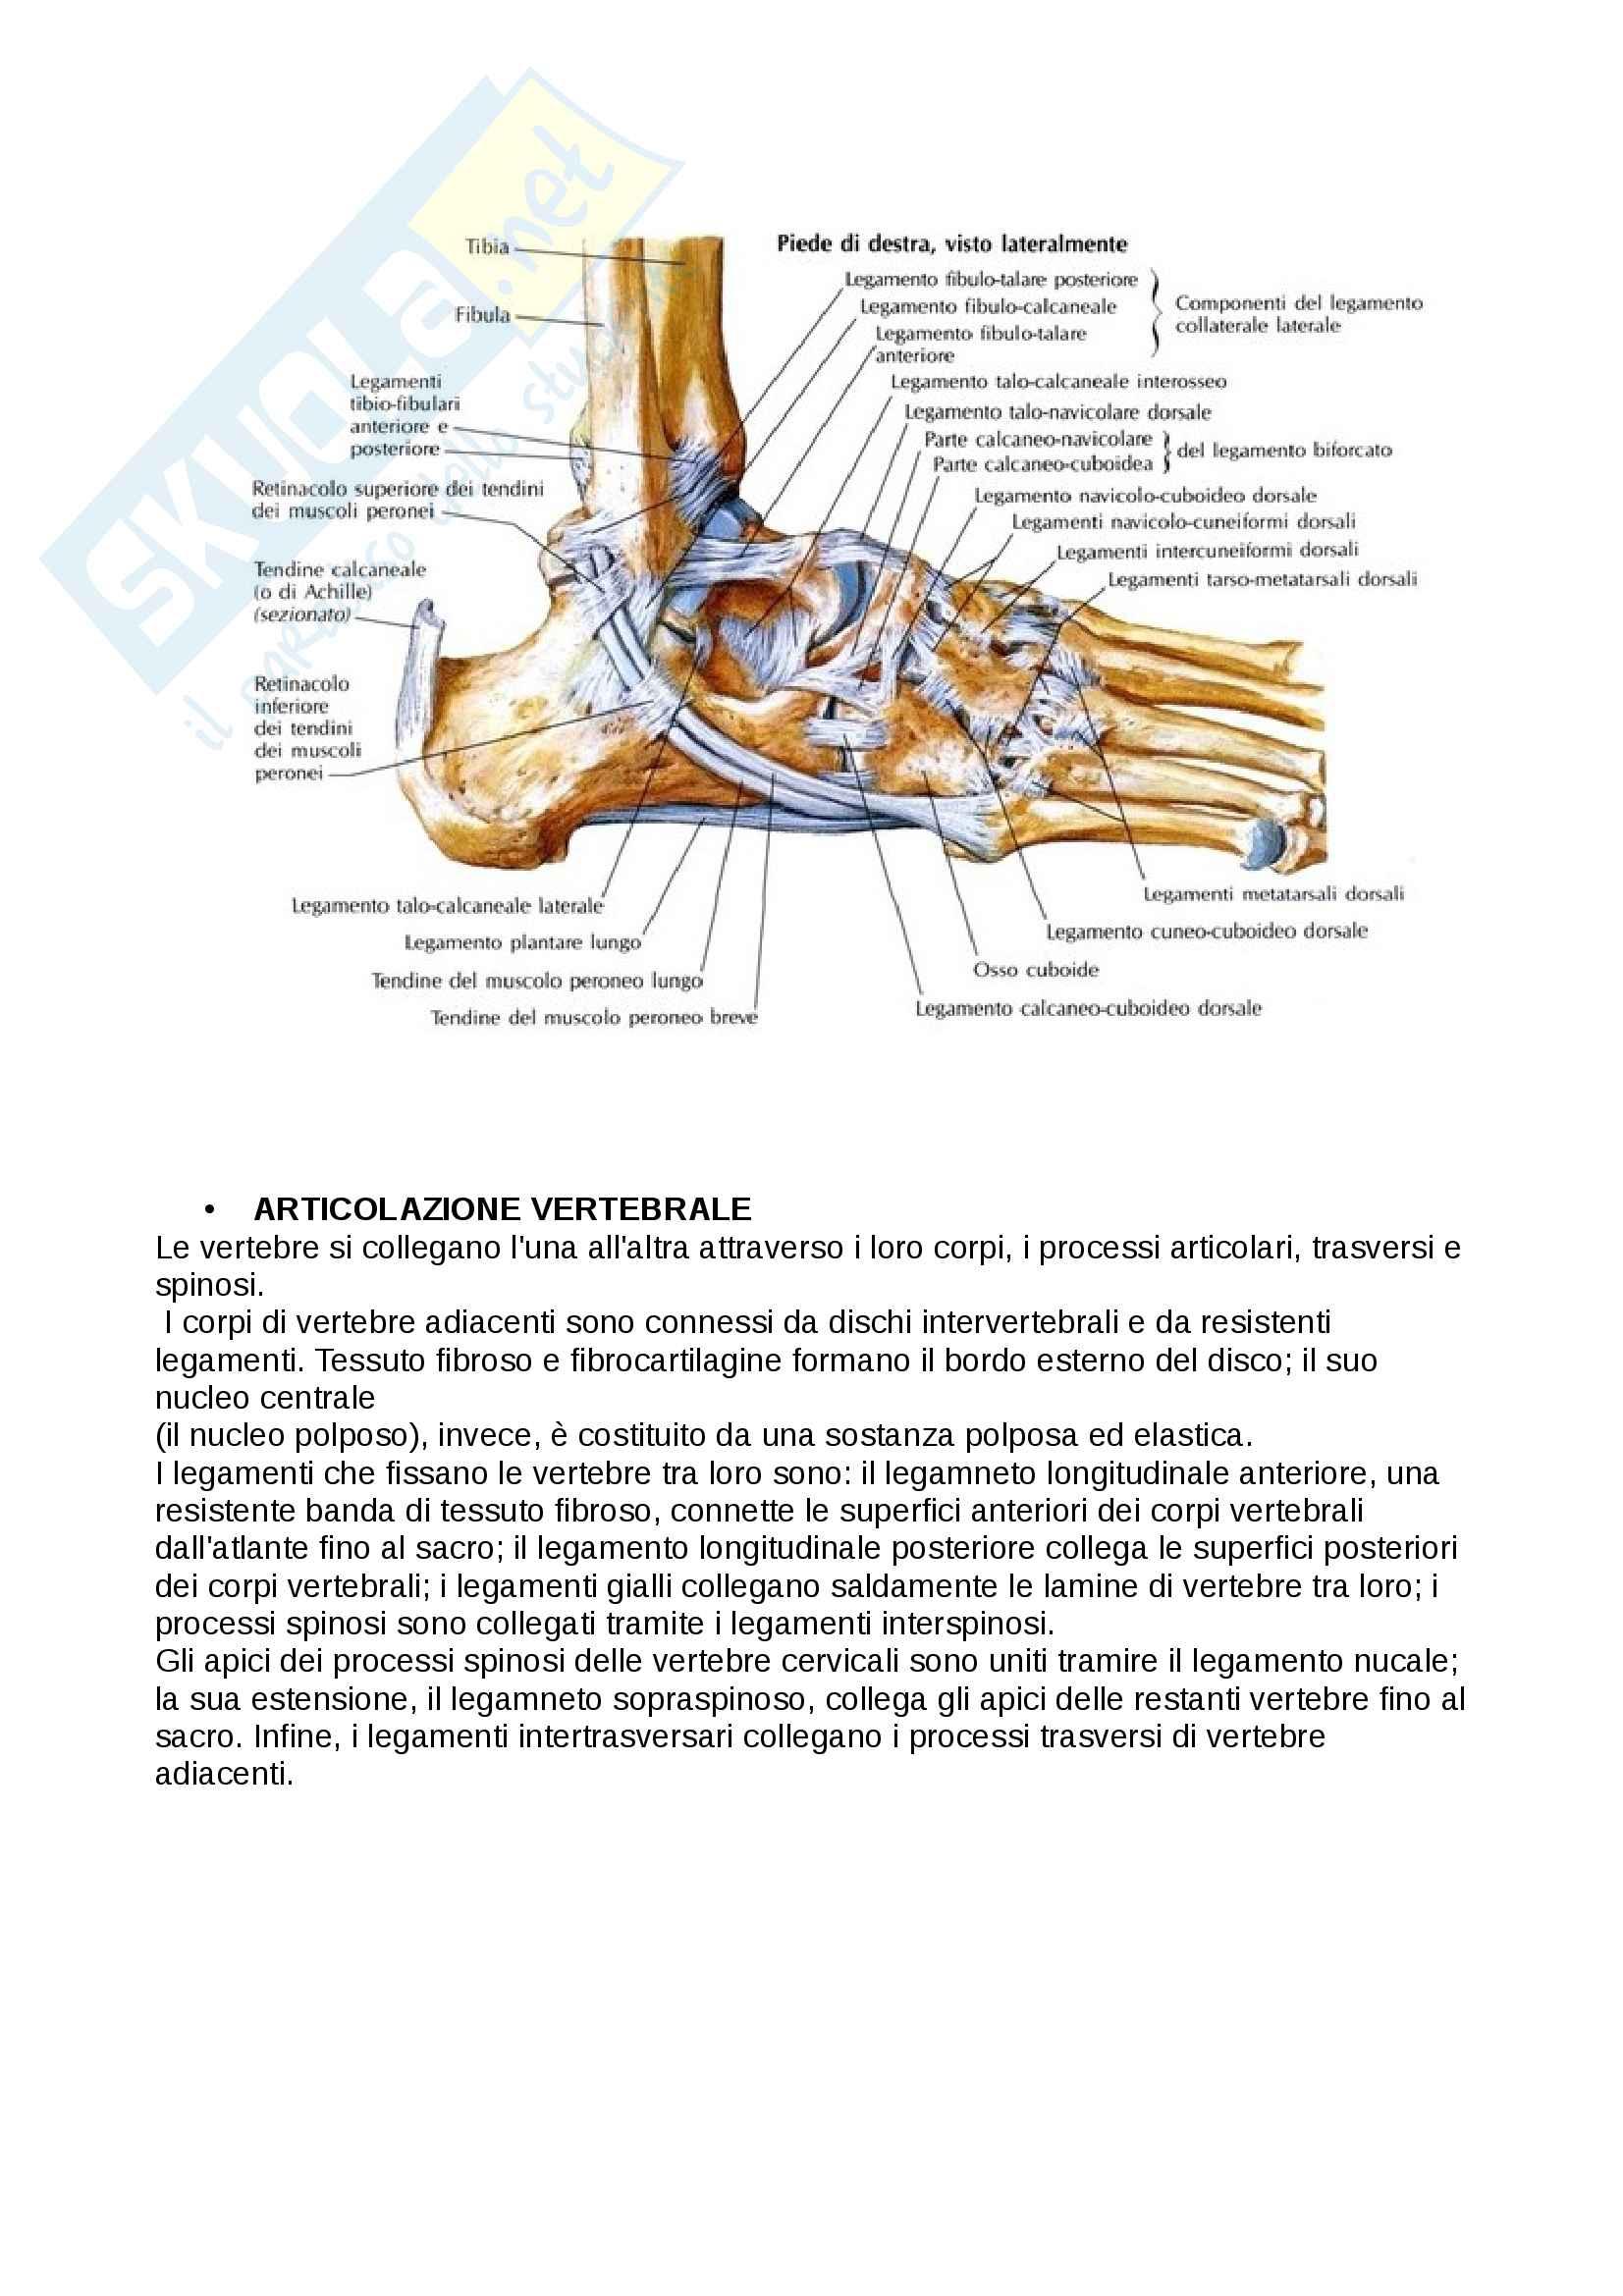 Anatomia 2 tessuti scheletrici e articolazioni Pag. 16